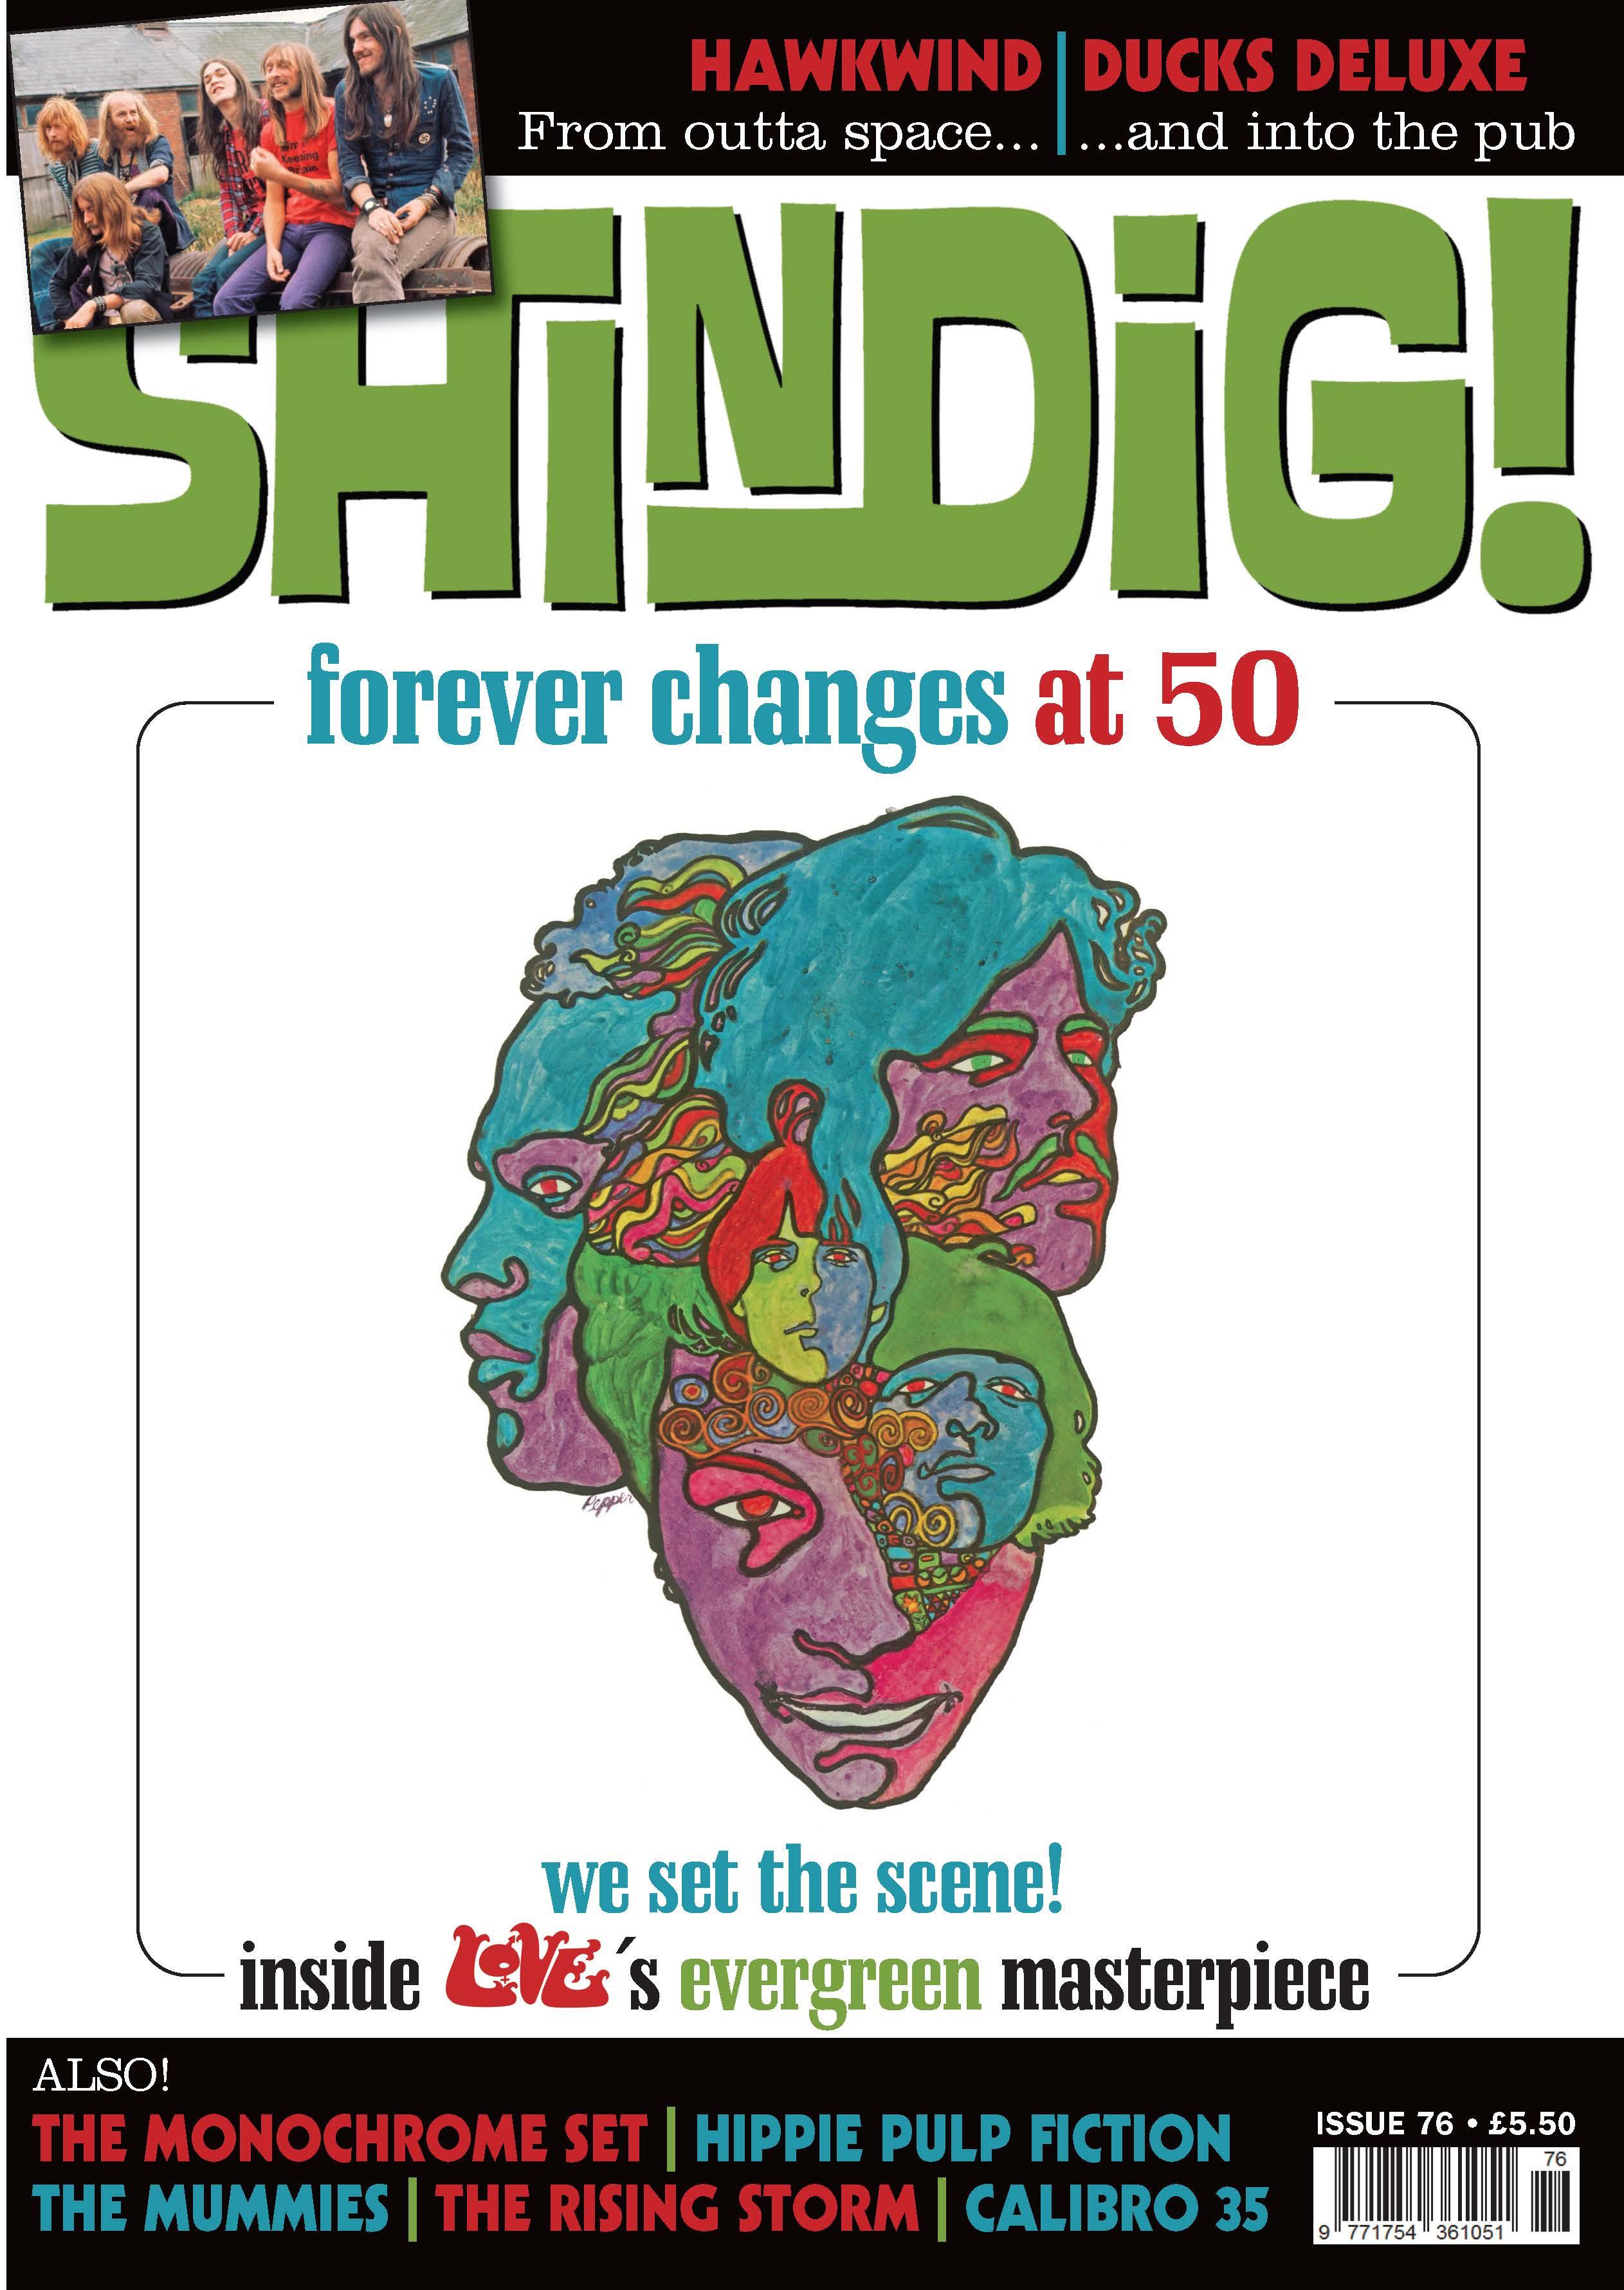 SHINDIG! Issue 76 (published: 01/02/2018)